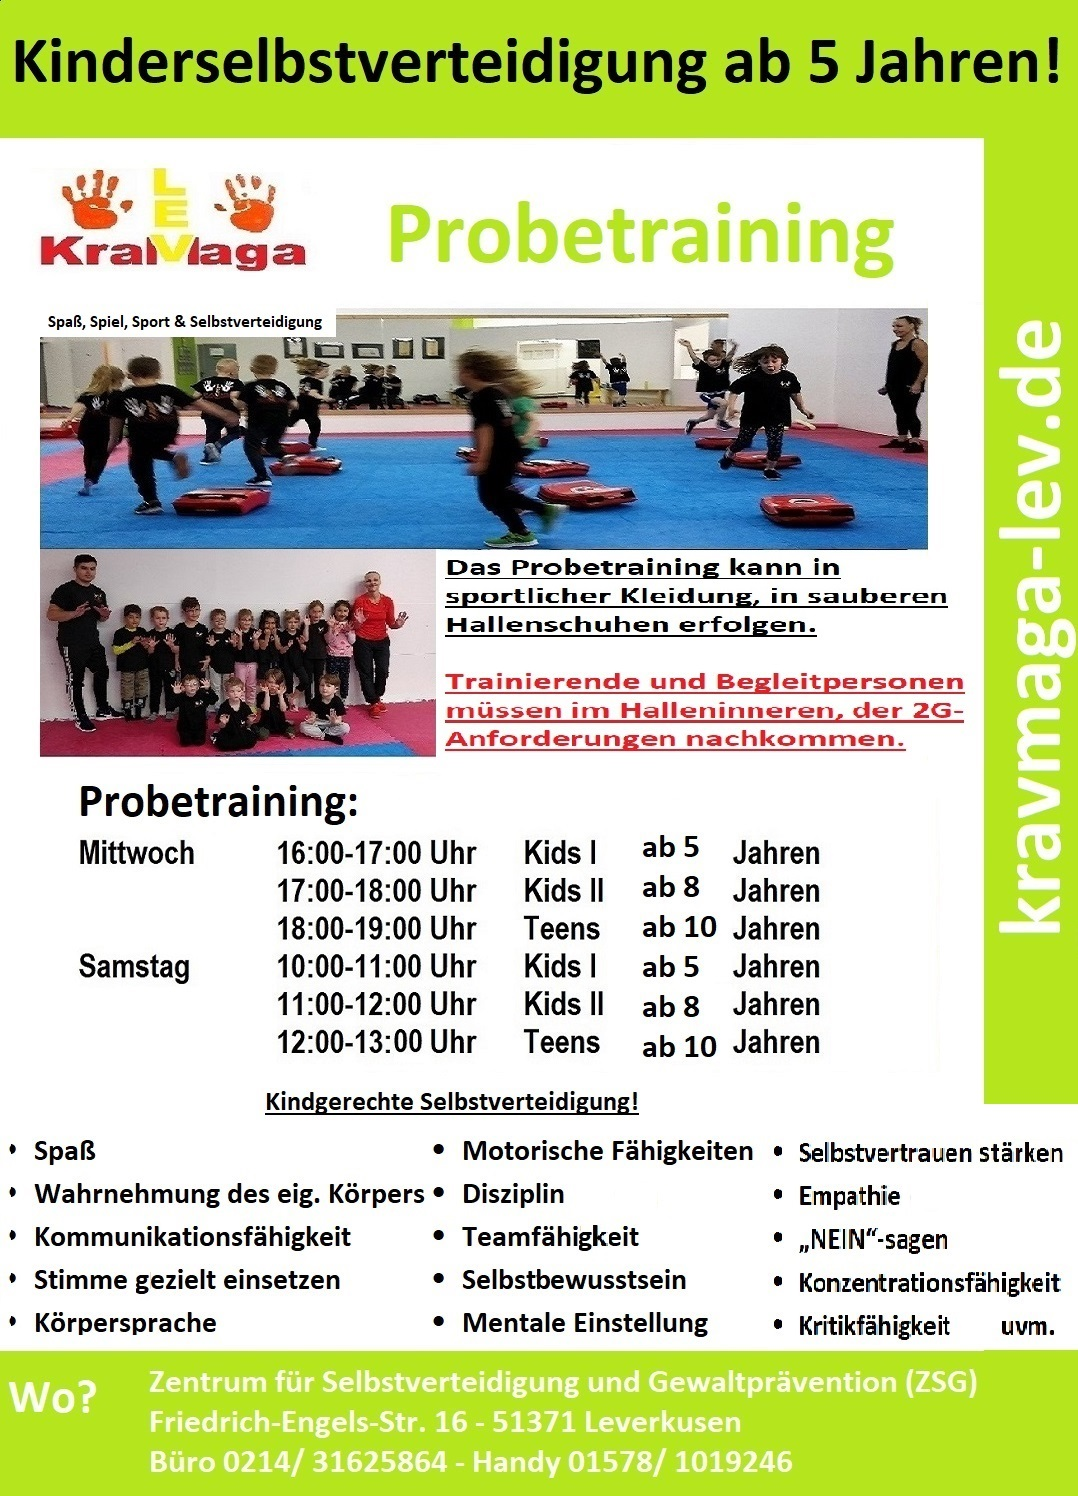 Krav Maga Leverkusen Selbstverteidigung Gewaltprävention Kinder Jugendliche Frauen Kampfsport you can fight Leichlingen Burscheid Langenfeld Monheim Köln Bergisch Gladbach Druckpunkte DKMV